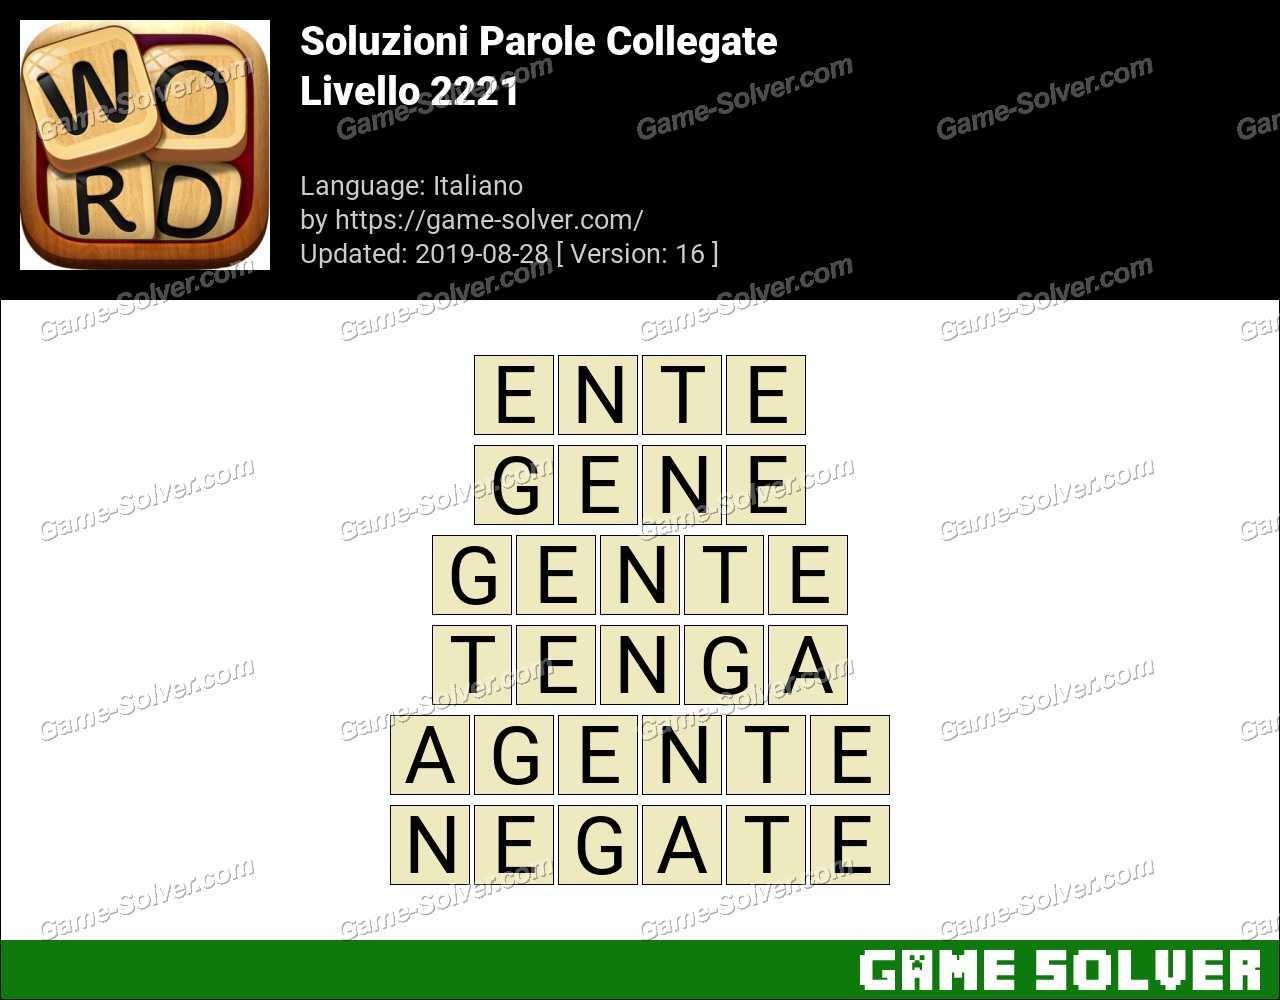 Soluzioni Parole Collegate Livello 2221